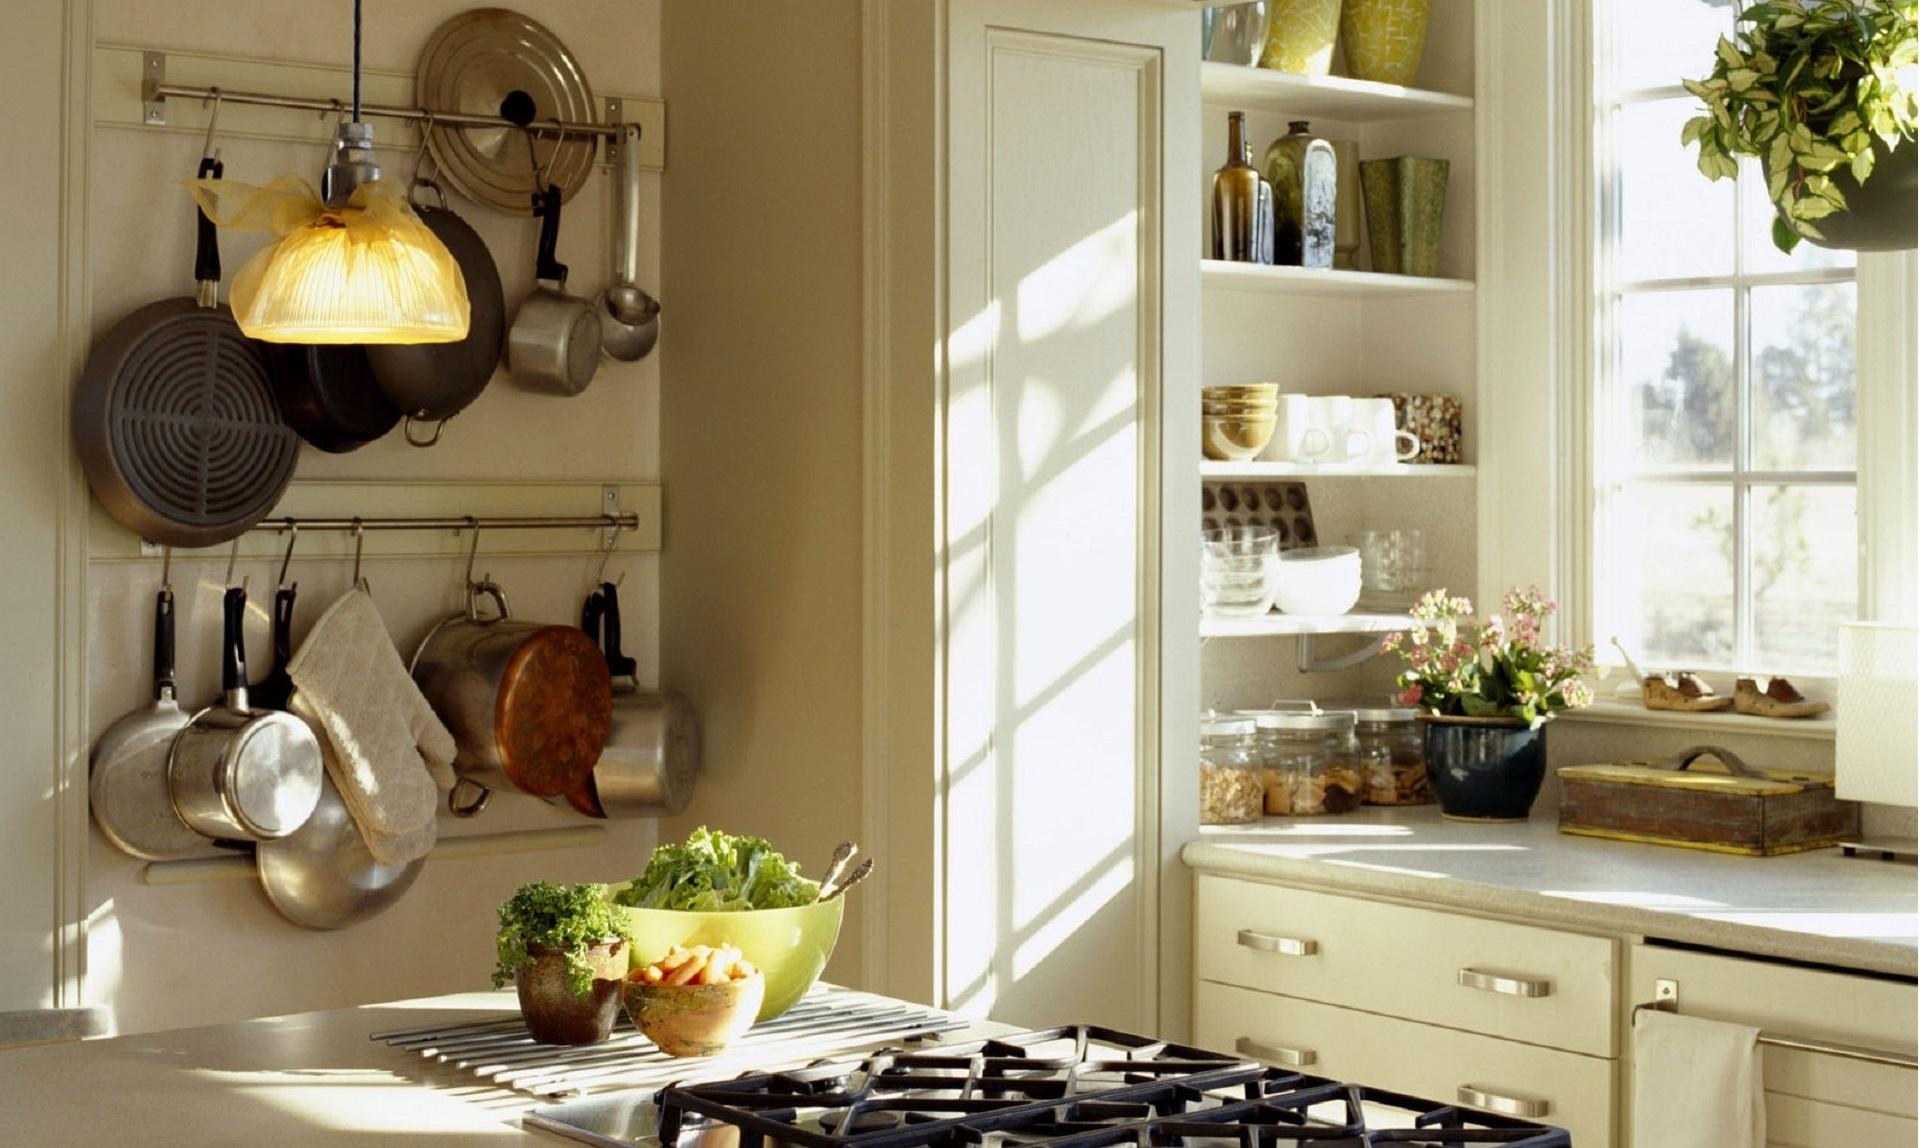 Как обустроить кухню на даче: фото идеи с описанием, важные моменты